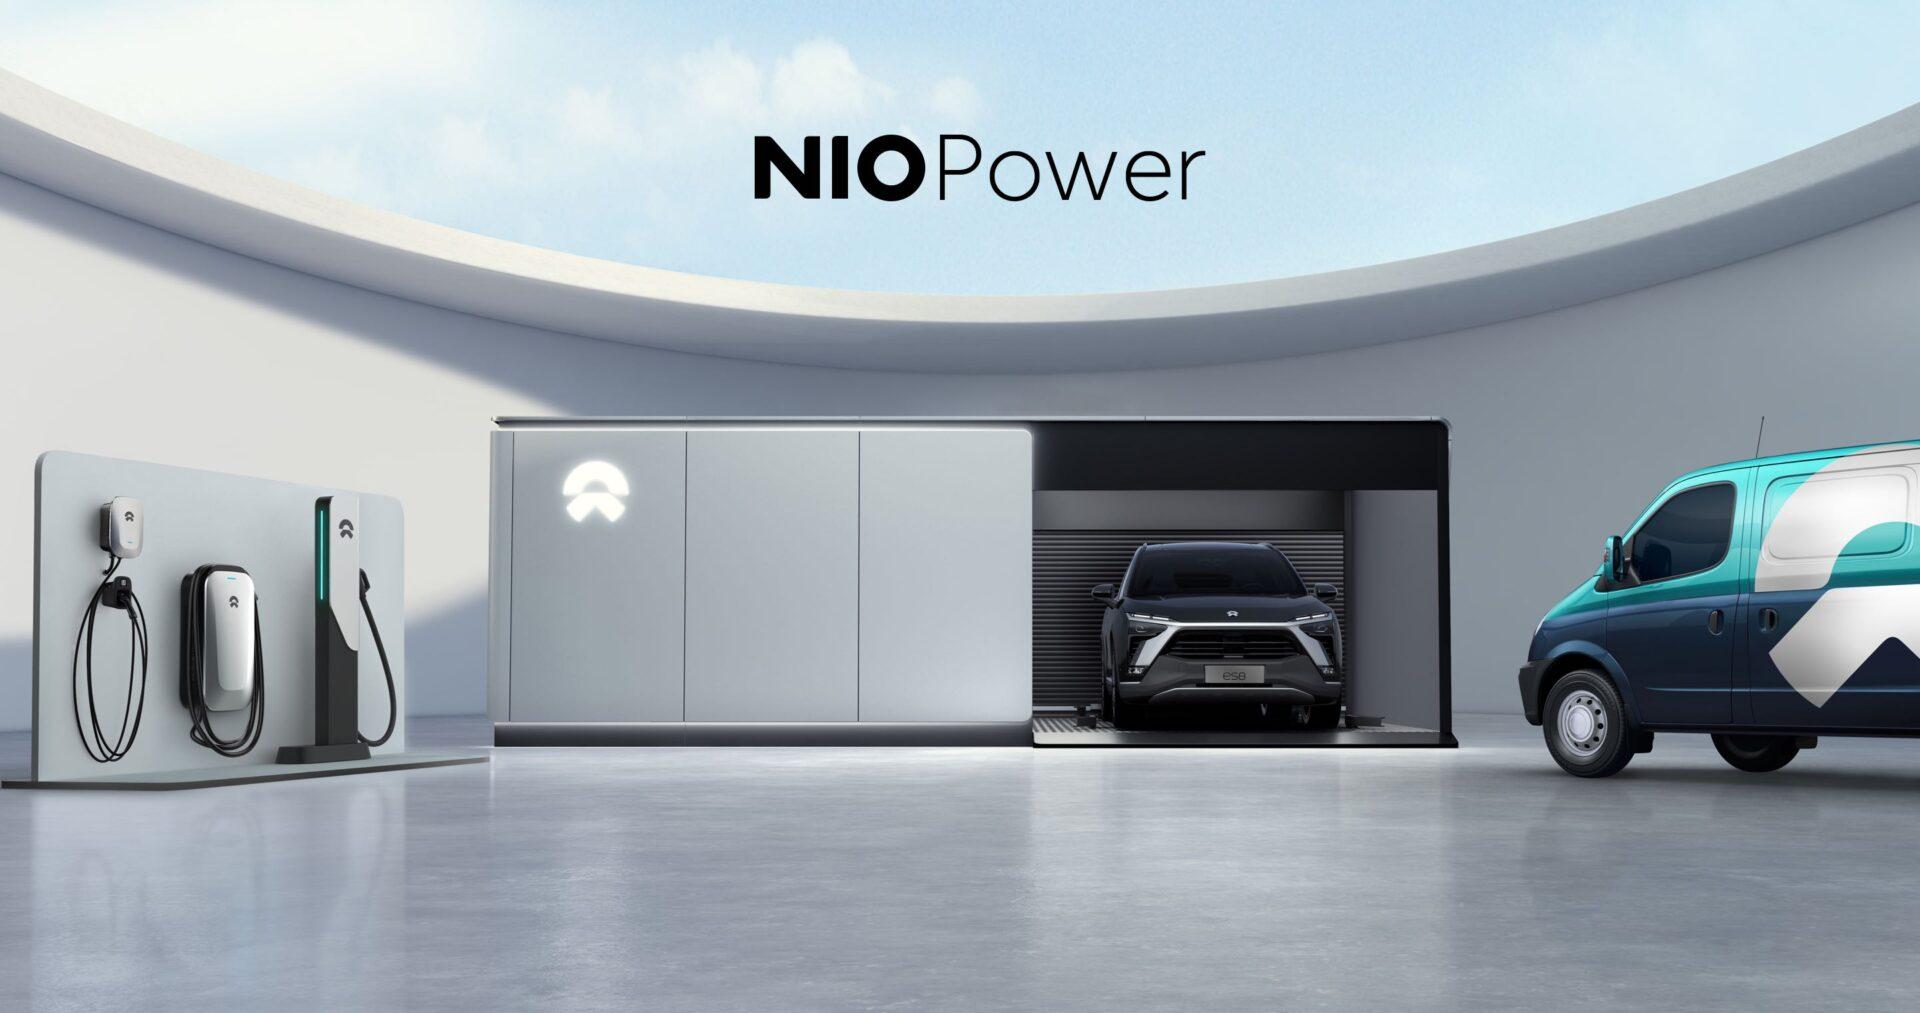 Νio Power